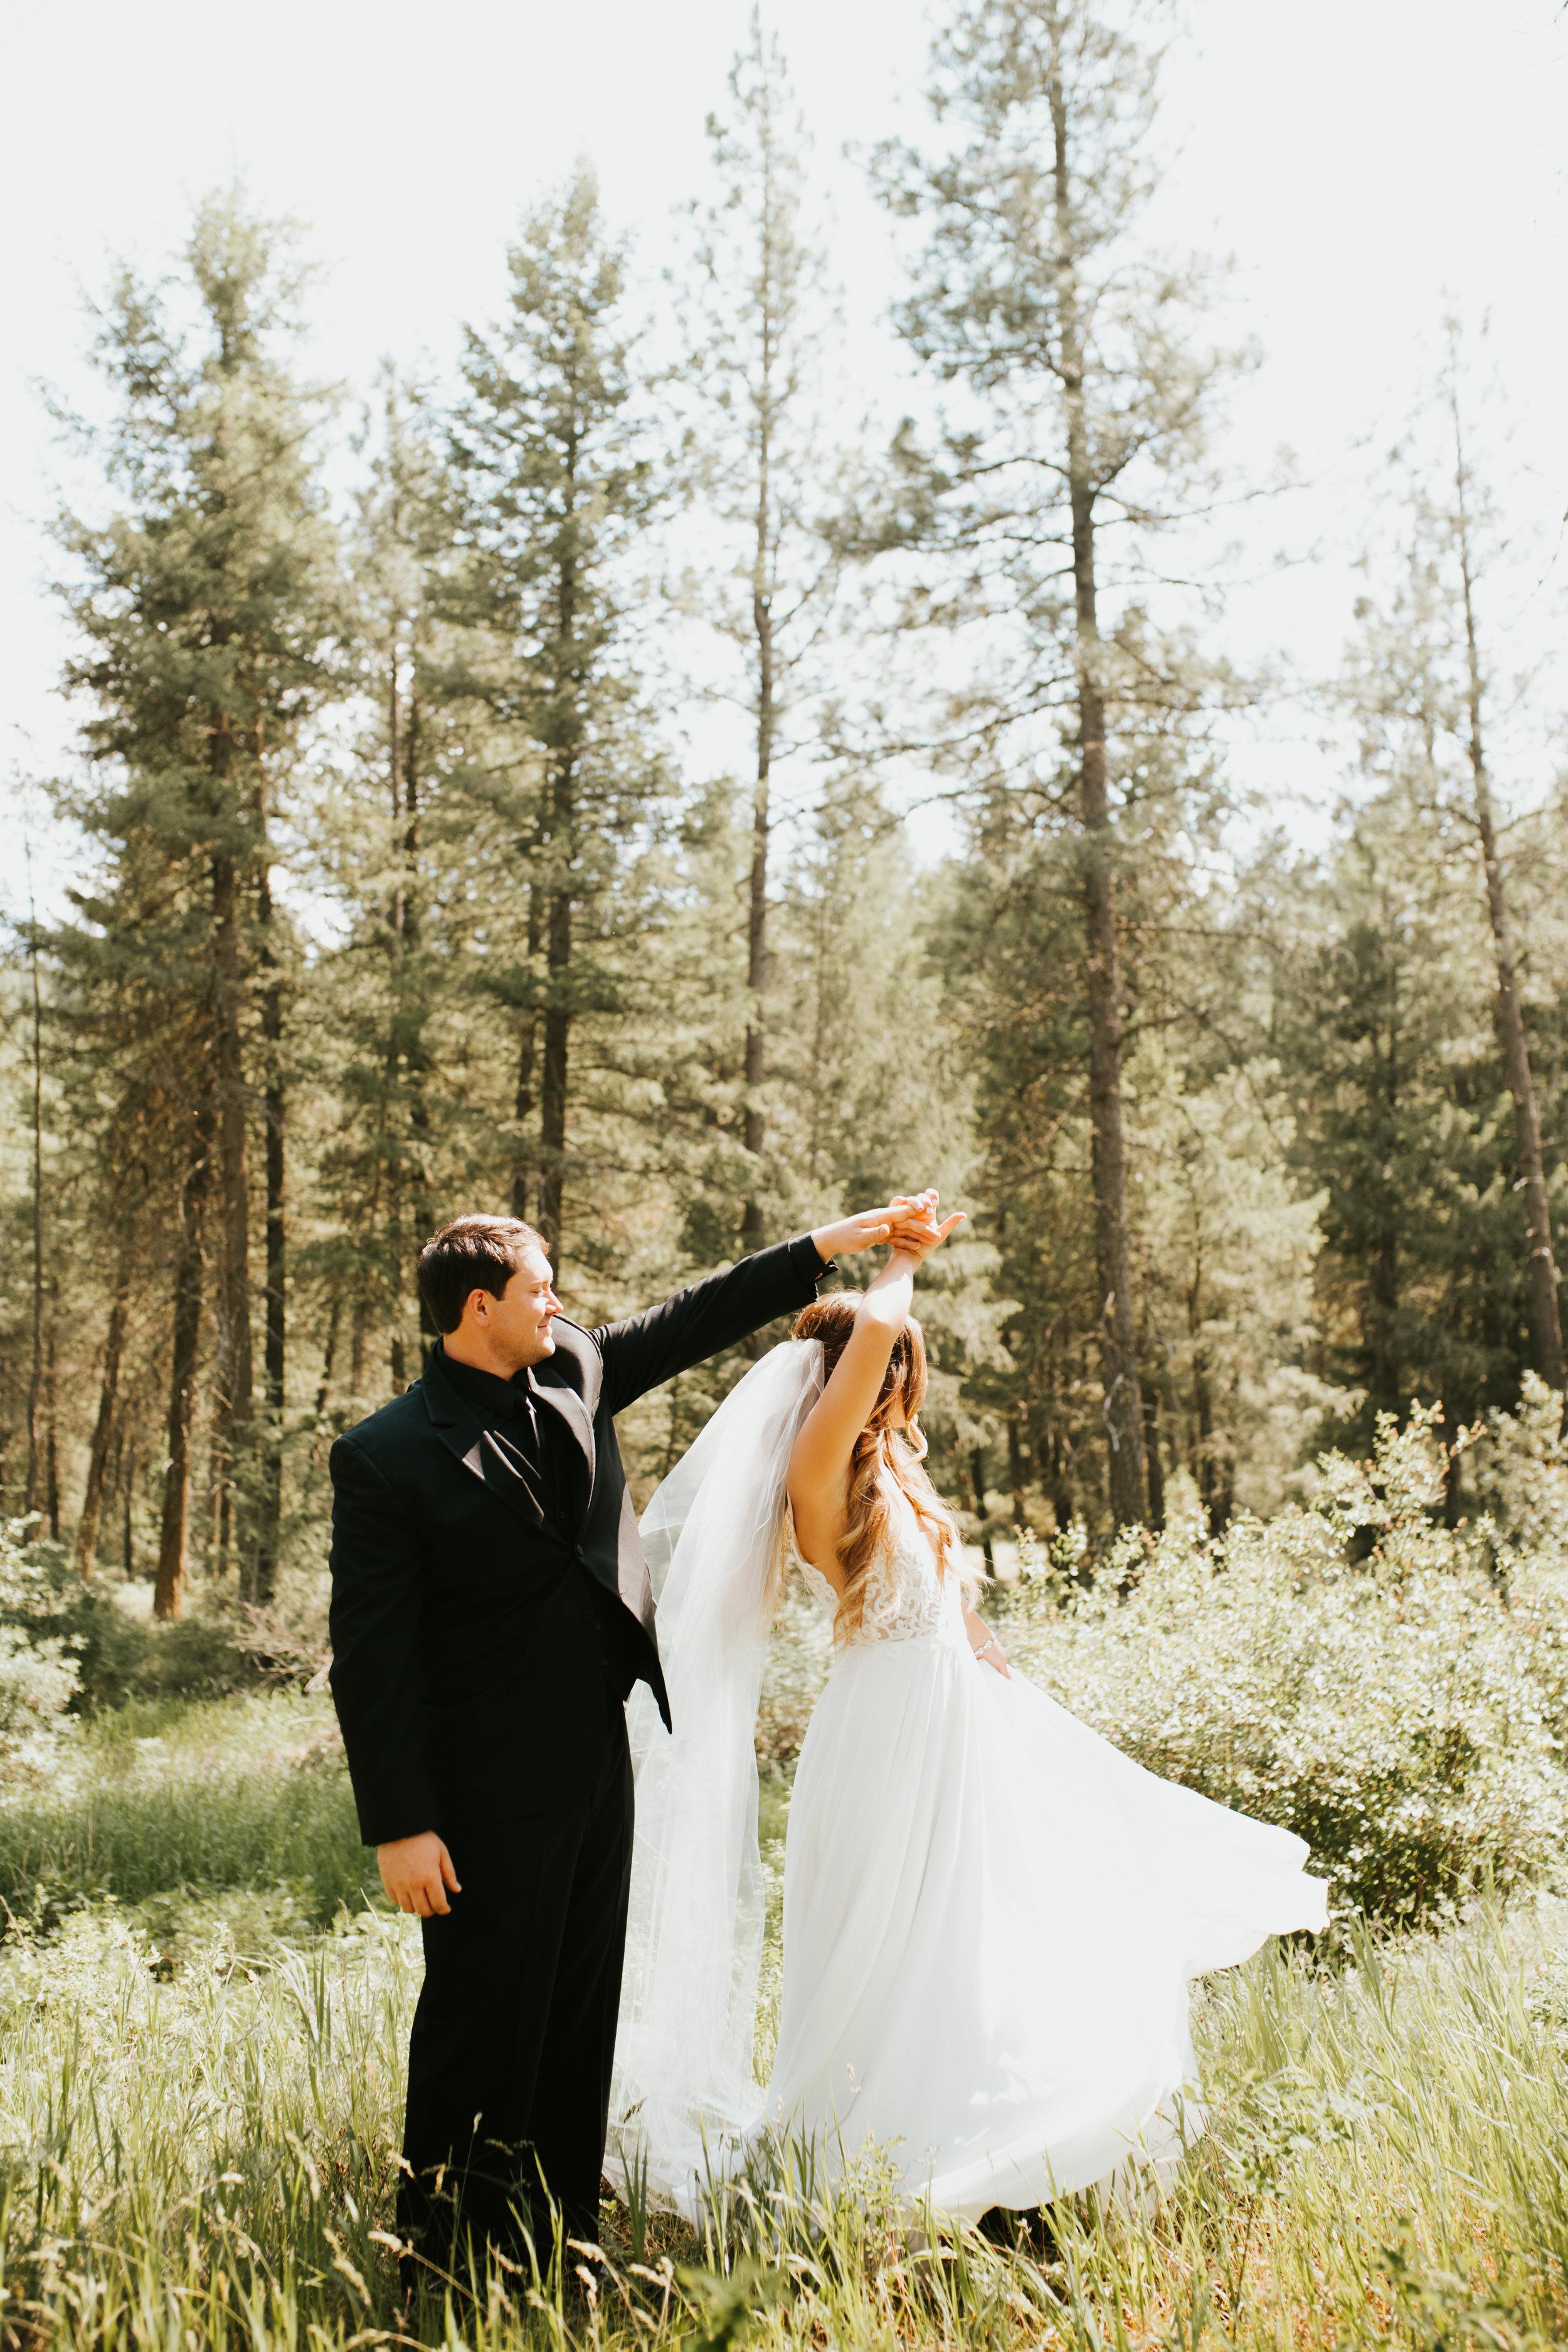 spinning long train spokane bride